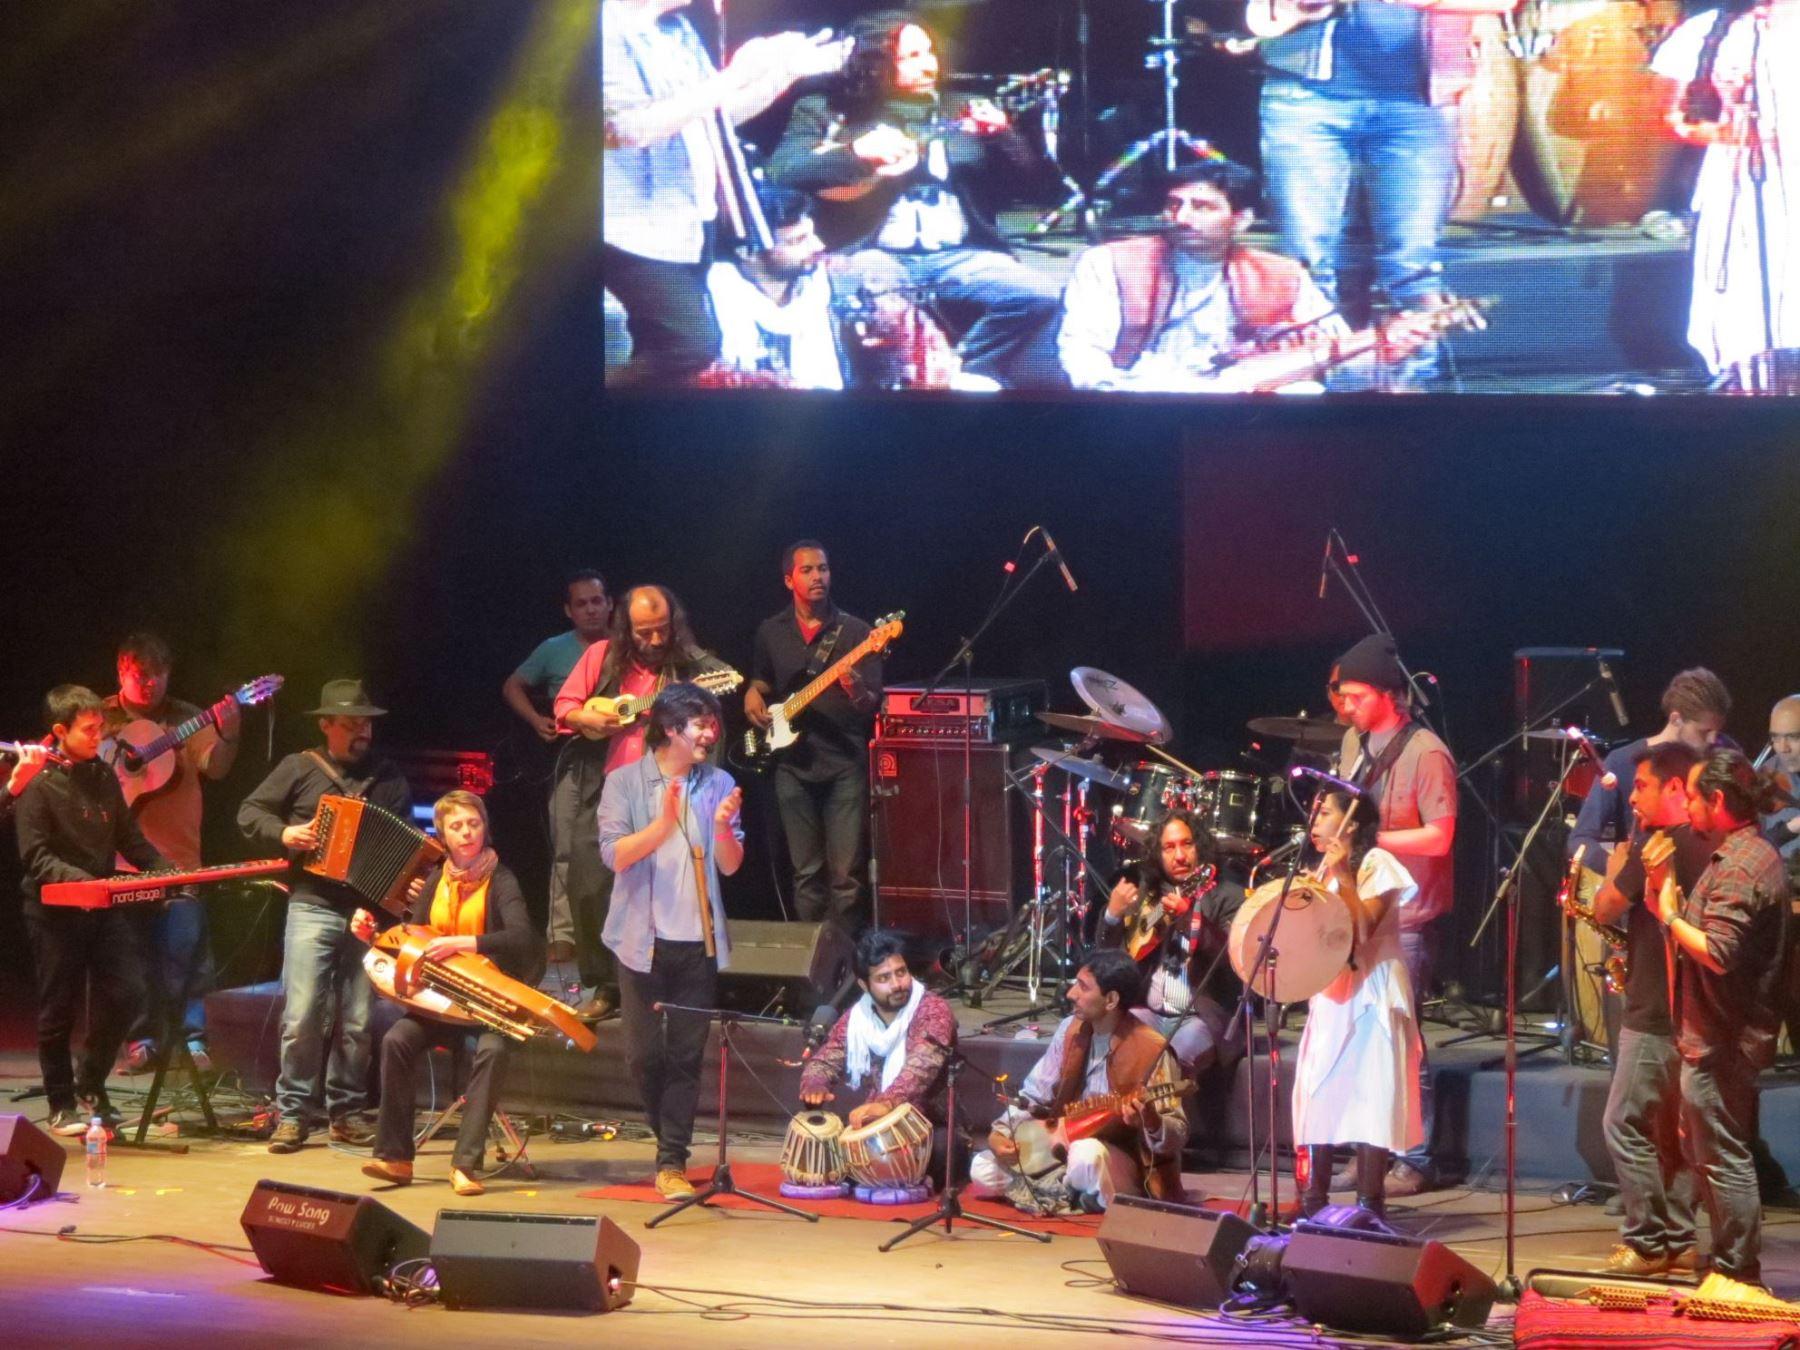 Momentos delEl Festival Internacional de Música de Alturas.